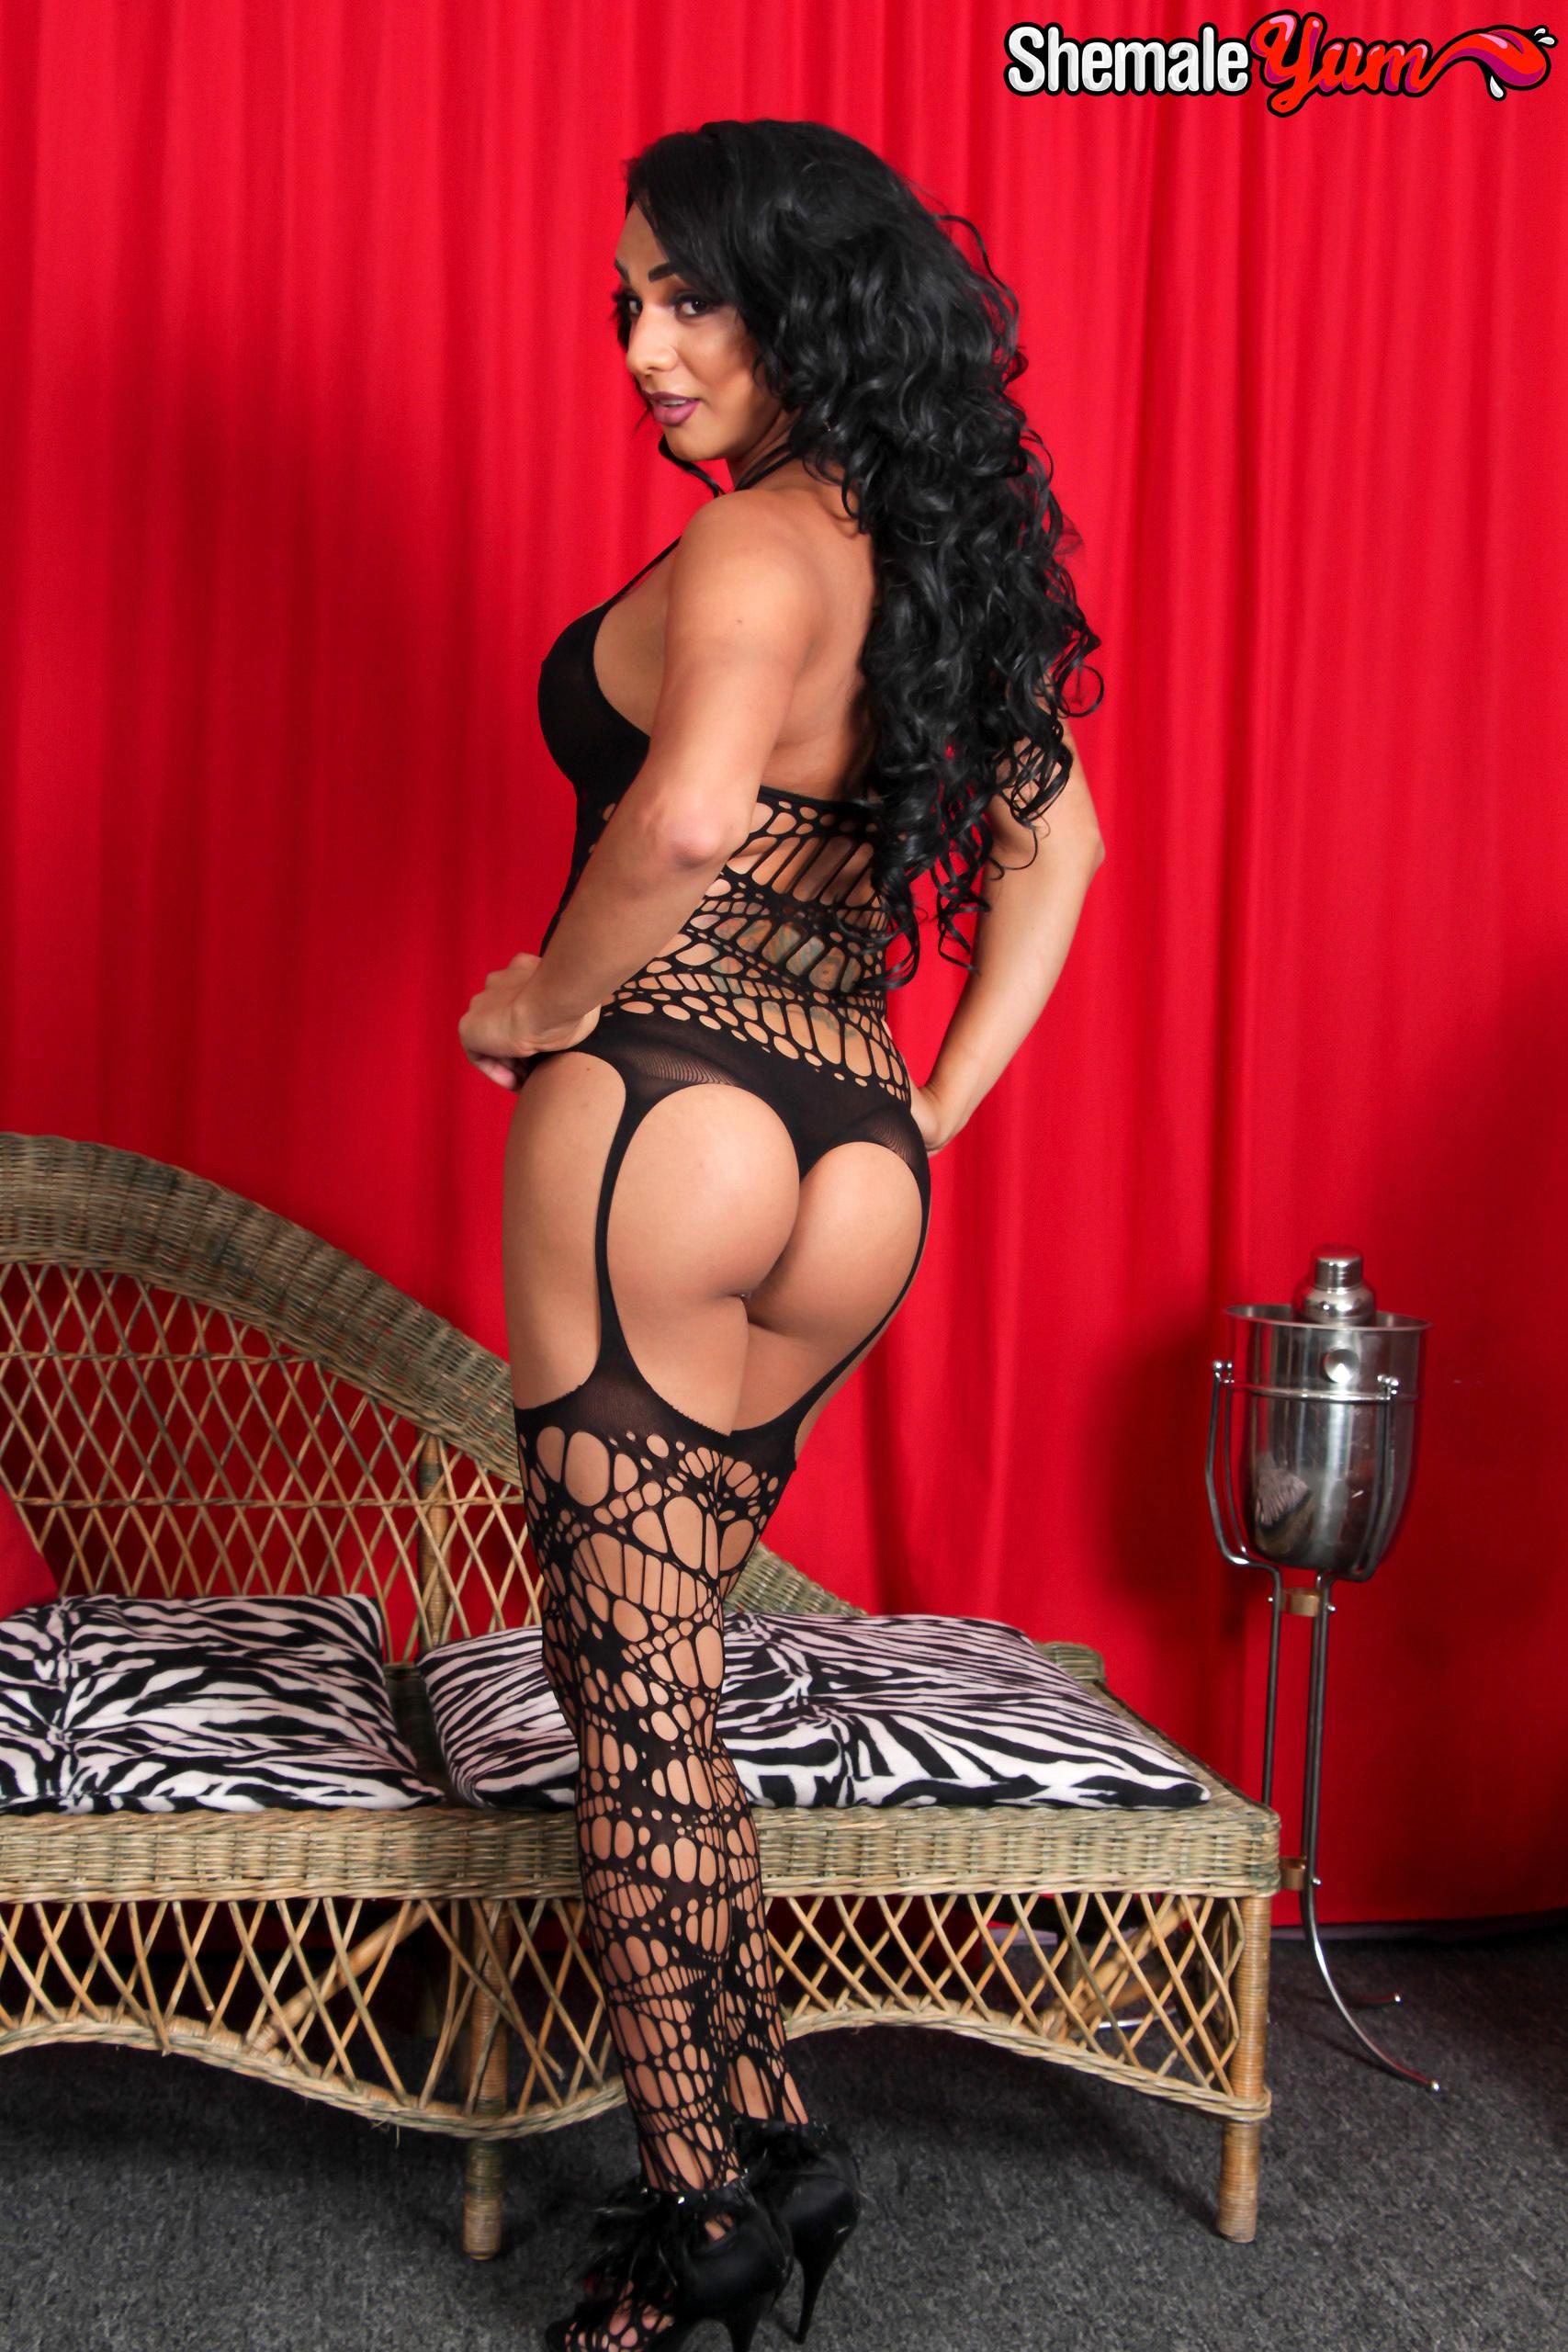 Inviting Latina Femboy Christine!